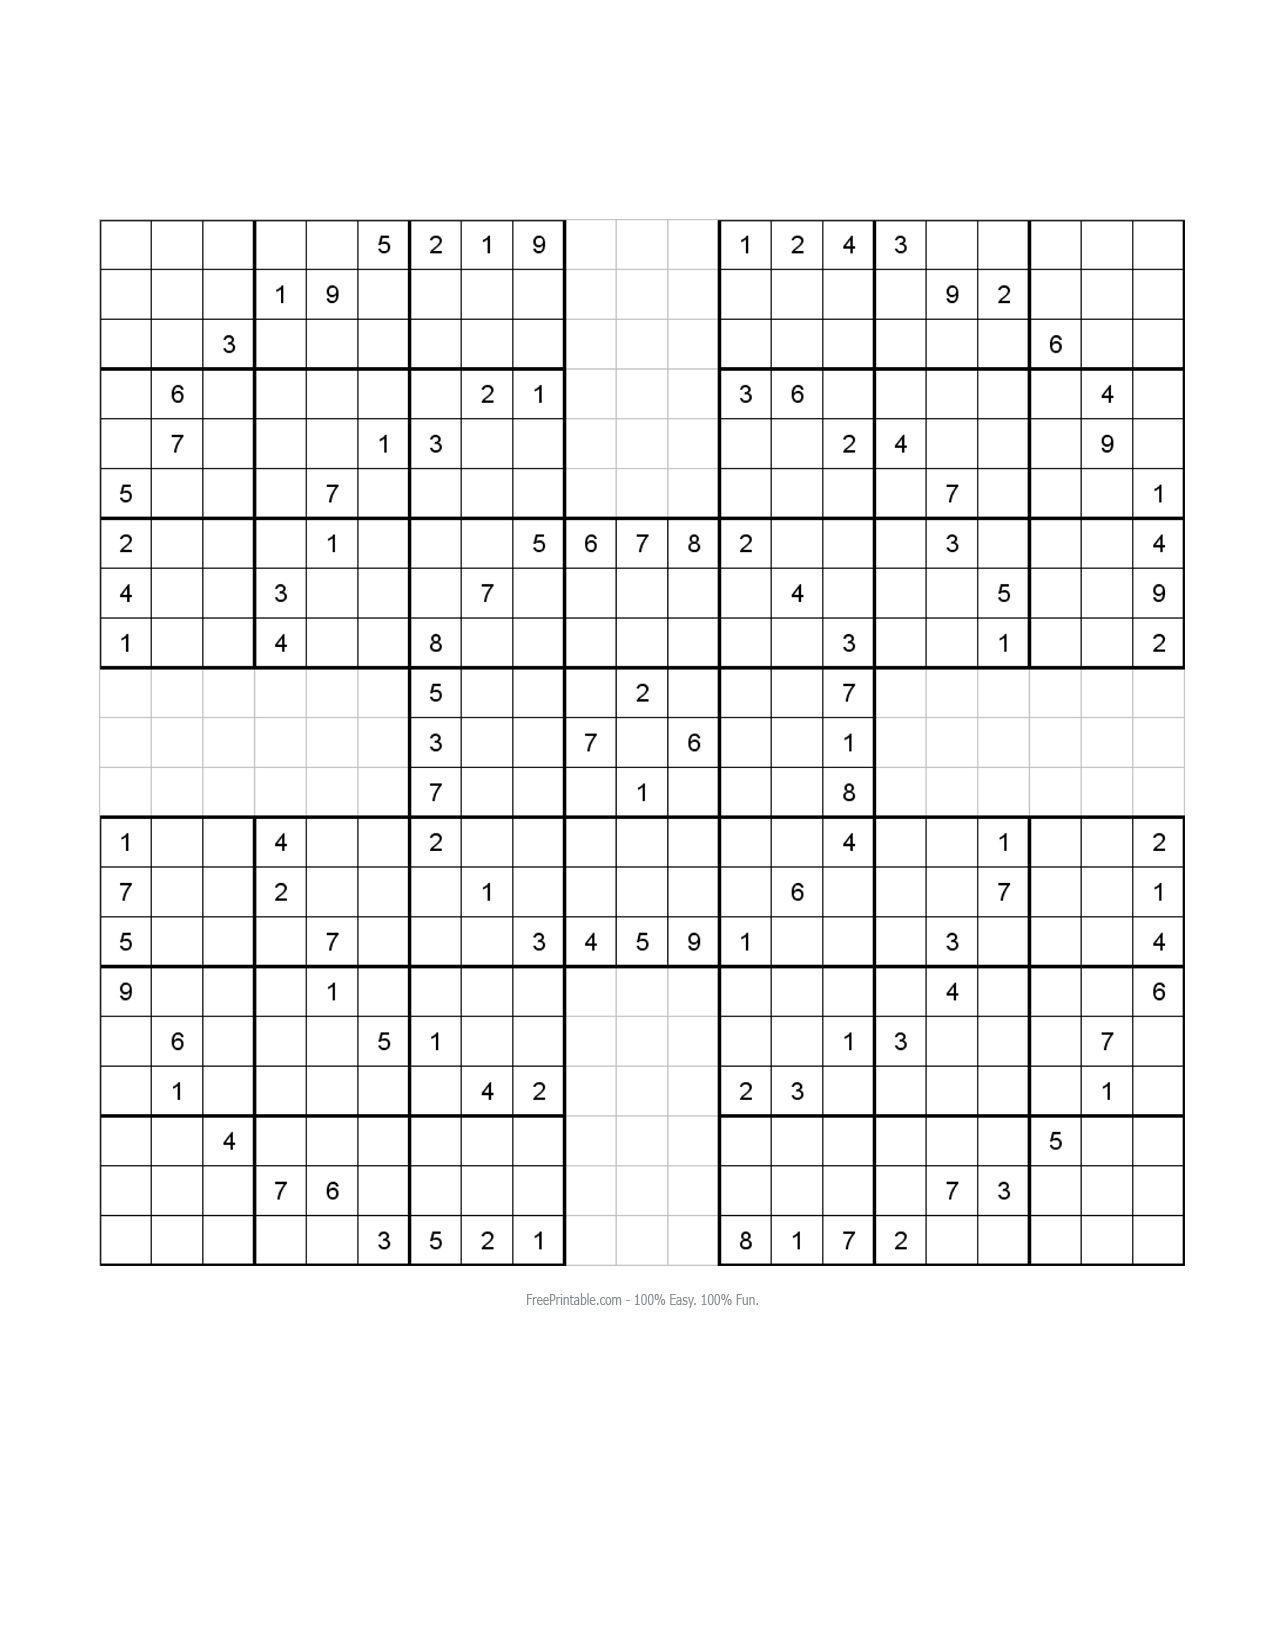 Free Printable Samurai Sudoku Puzzles | Sudoku - Free Printable Samurai Sudoku